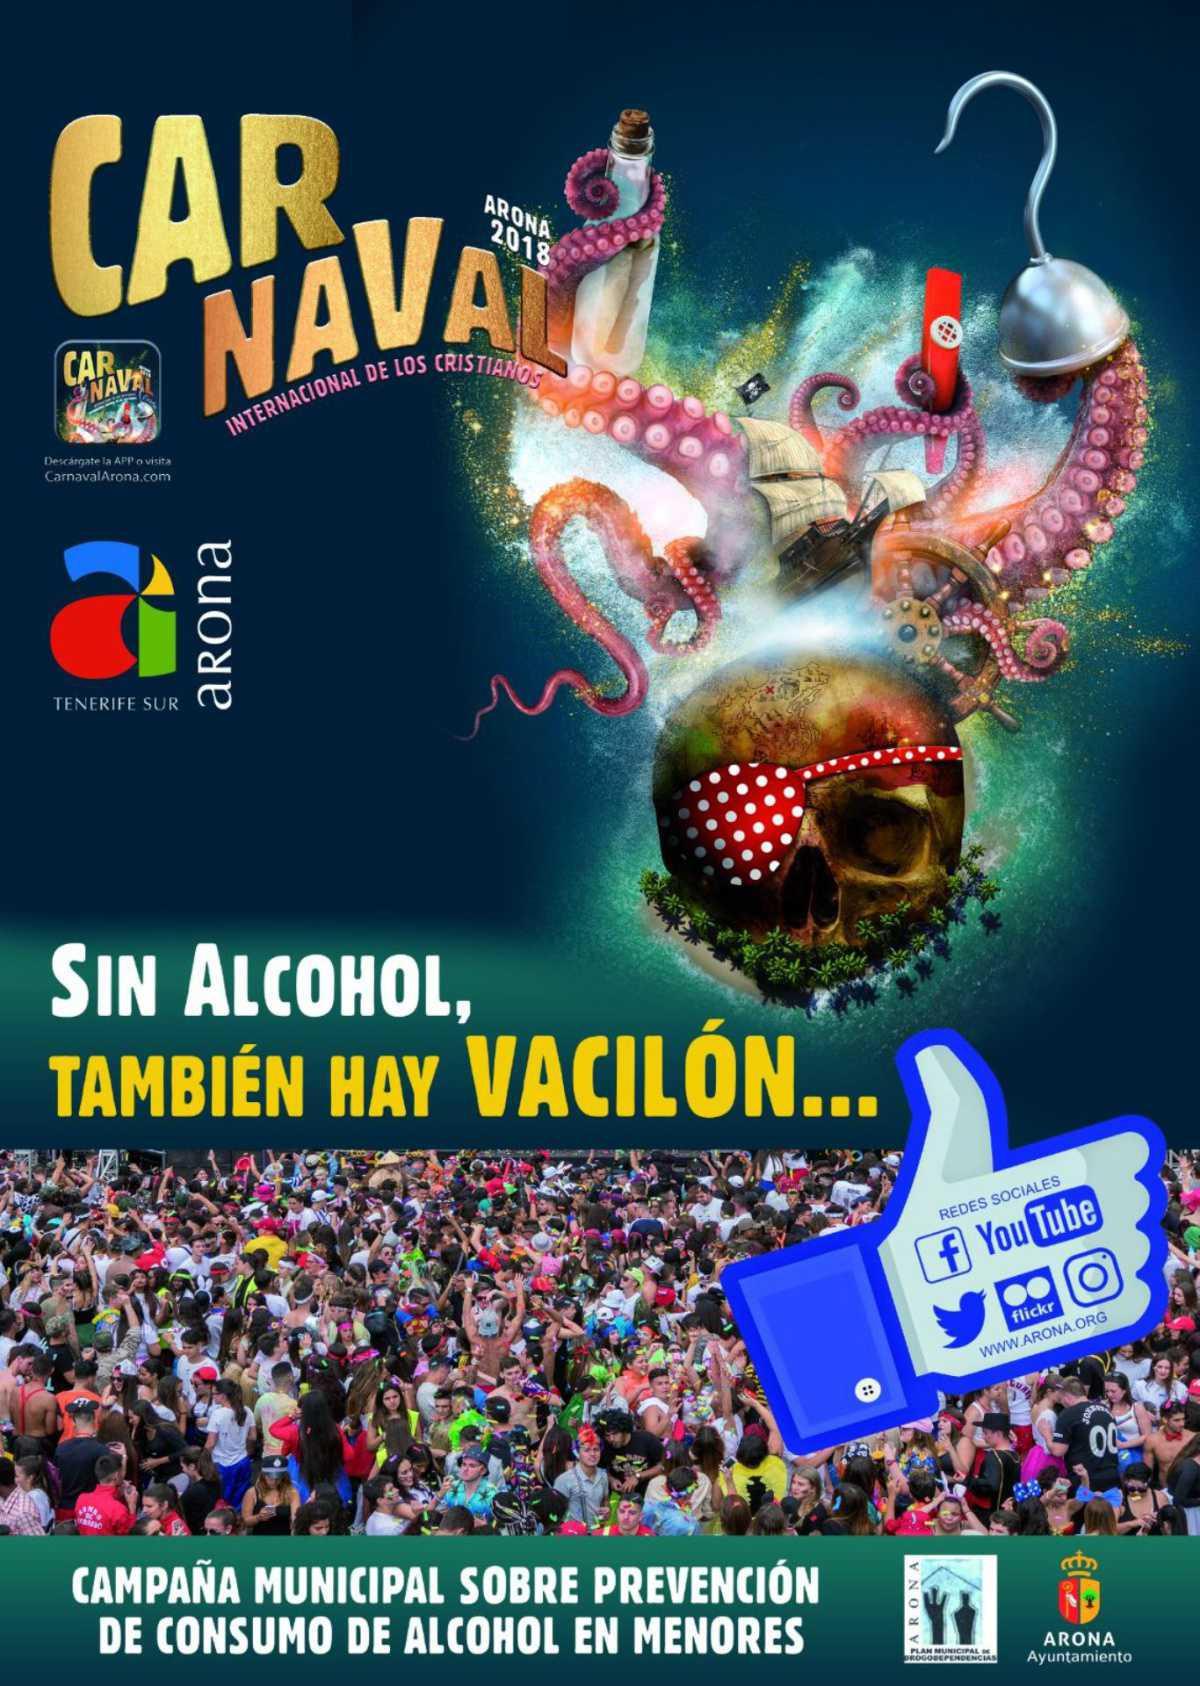 Arona pone en marcha una campaña de prevención del consumo de alcohol entre menores para el Carnaval